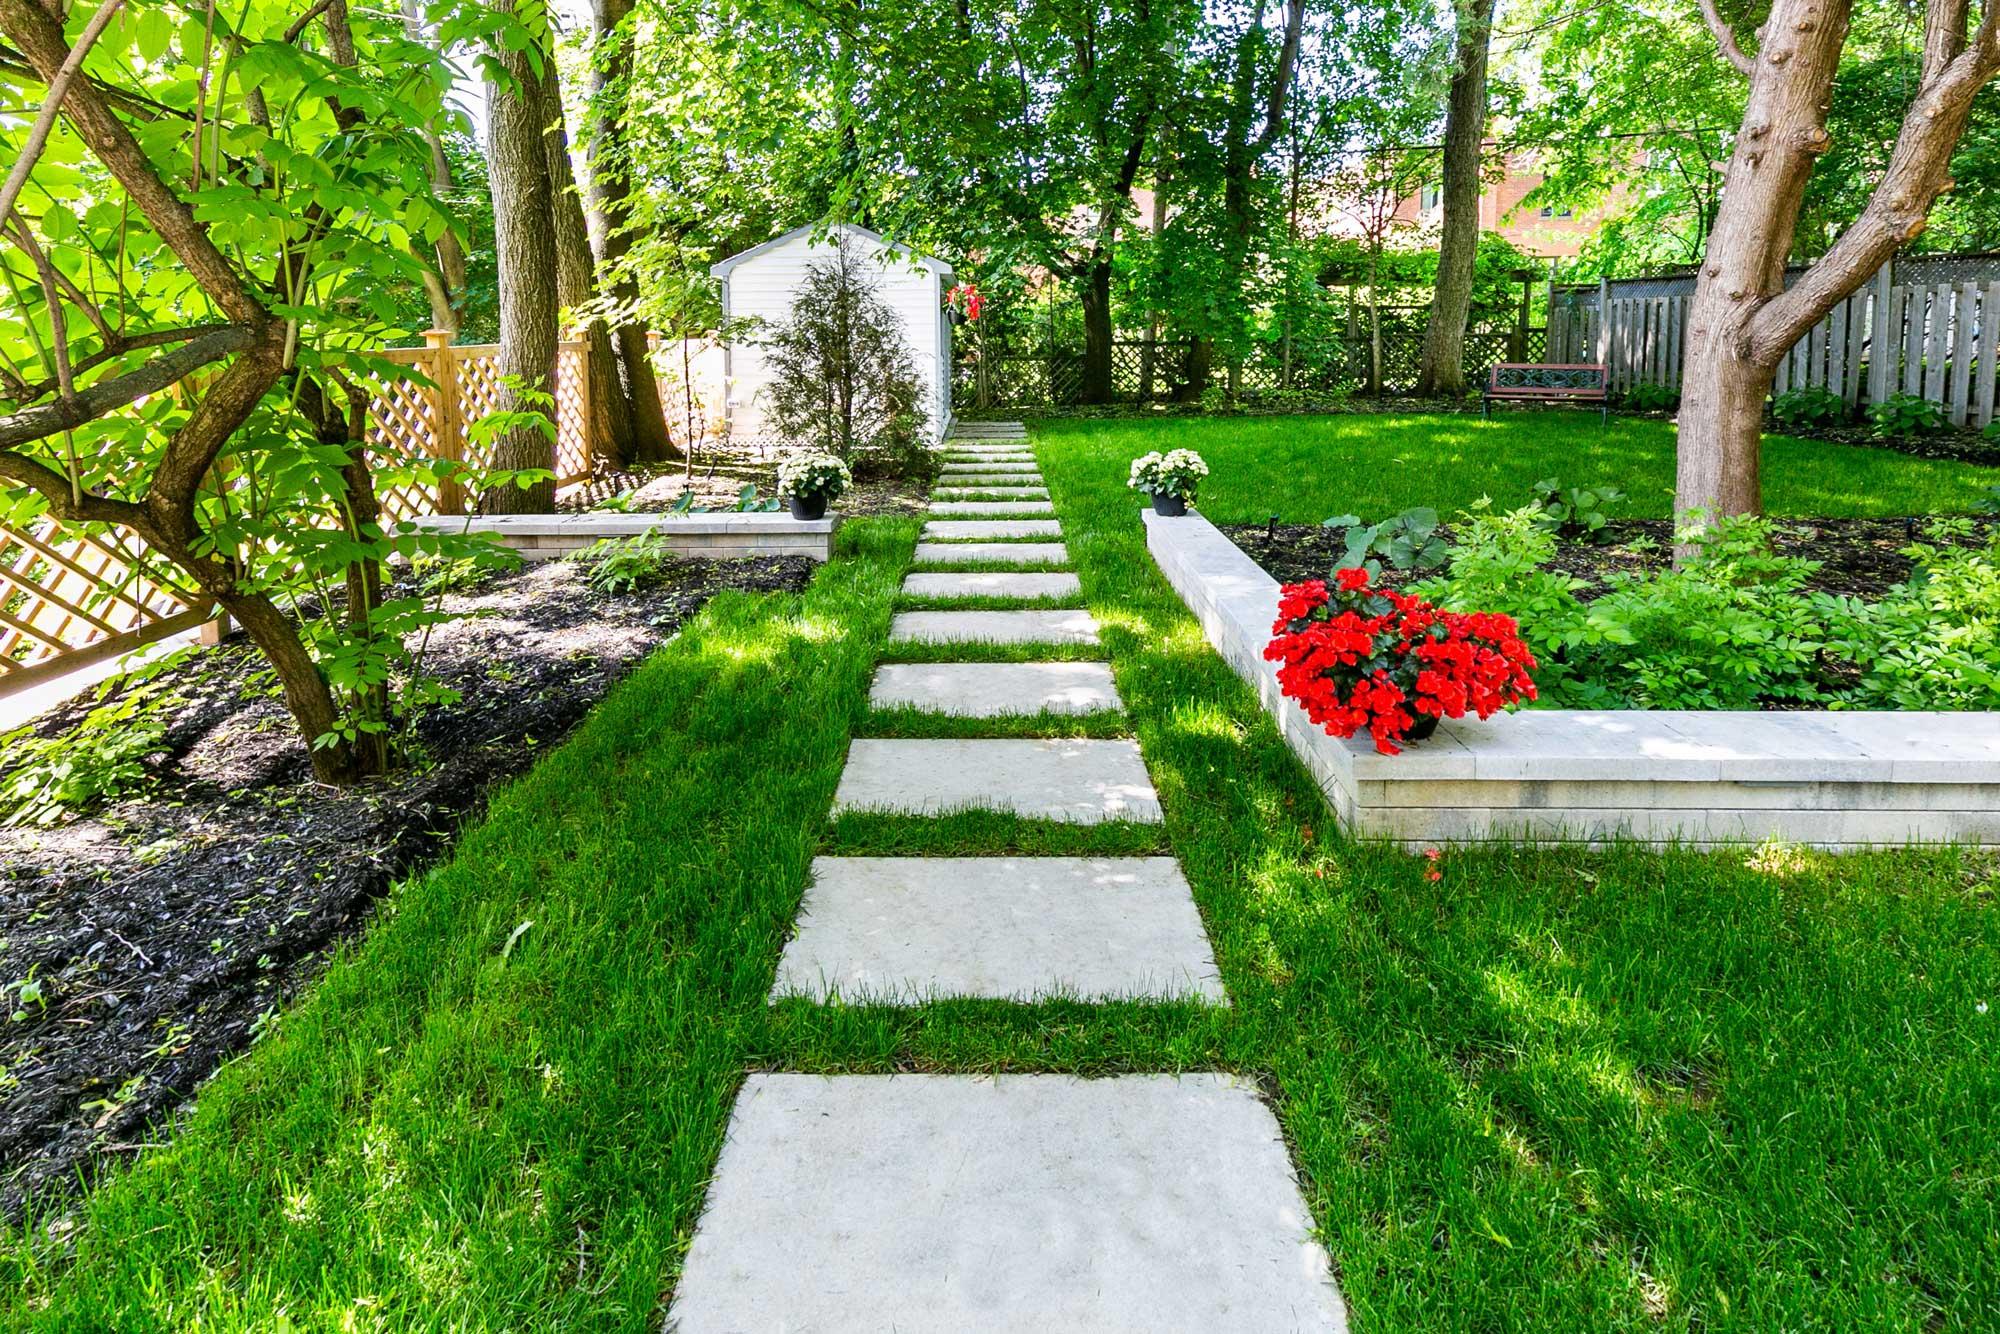 aménagement paysager dans une cour arrière avec dalles de béton et fleurs rouges